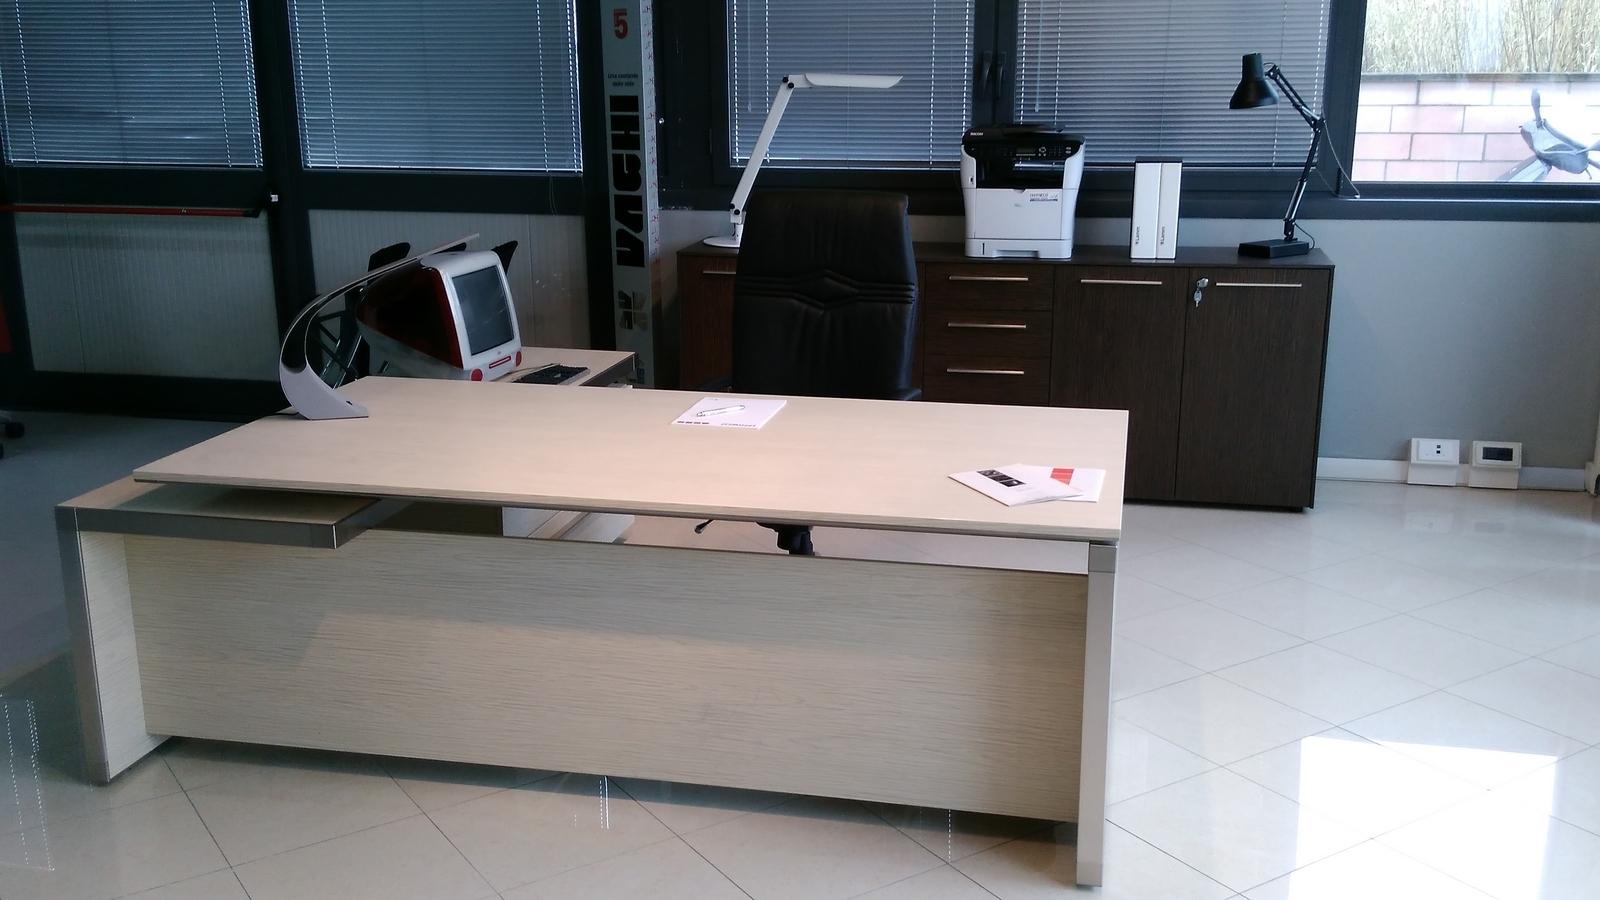 Las mobili per ufficio eos scrivanie legno arredo - Tasselli in legno per mobili ...